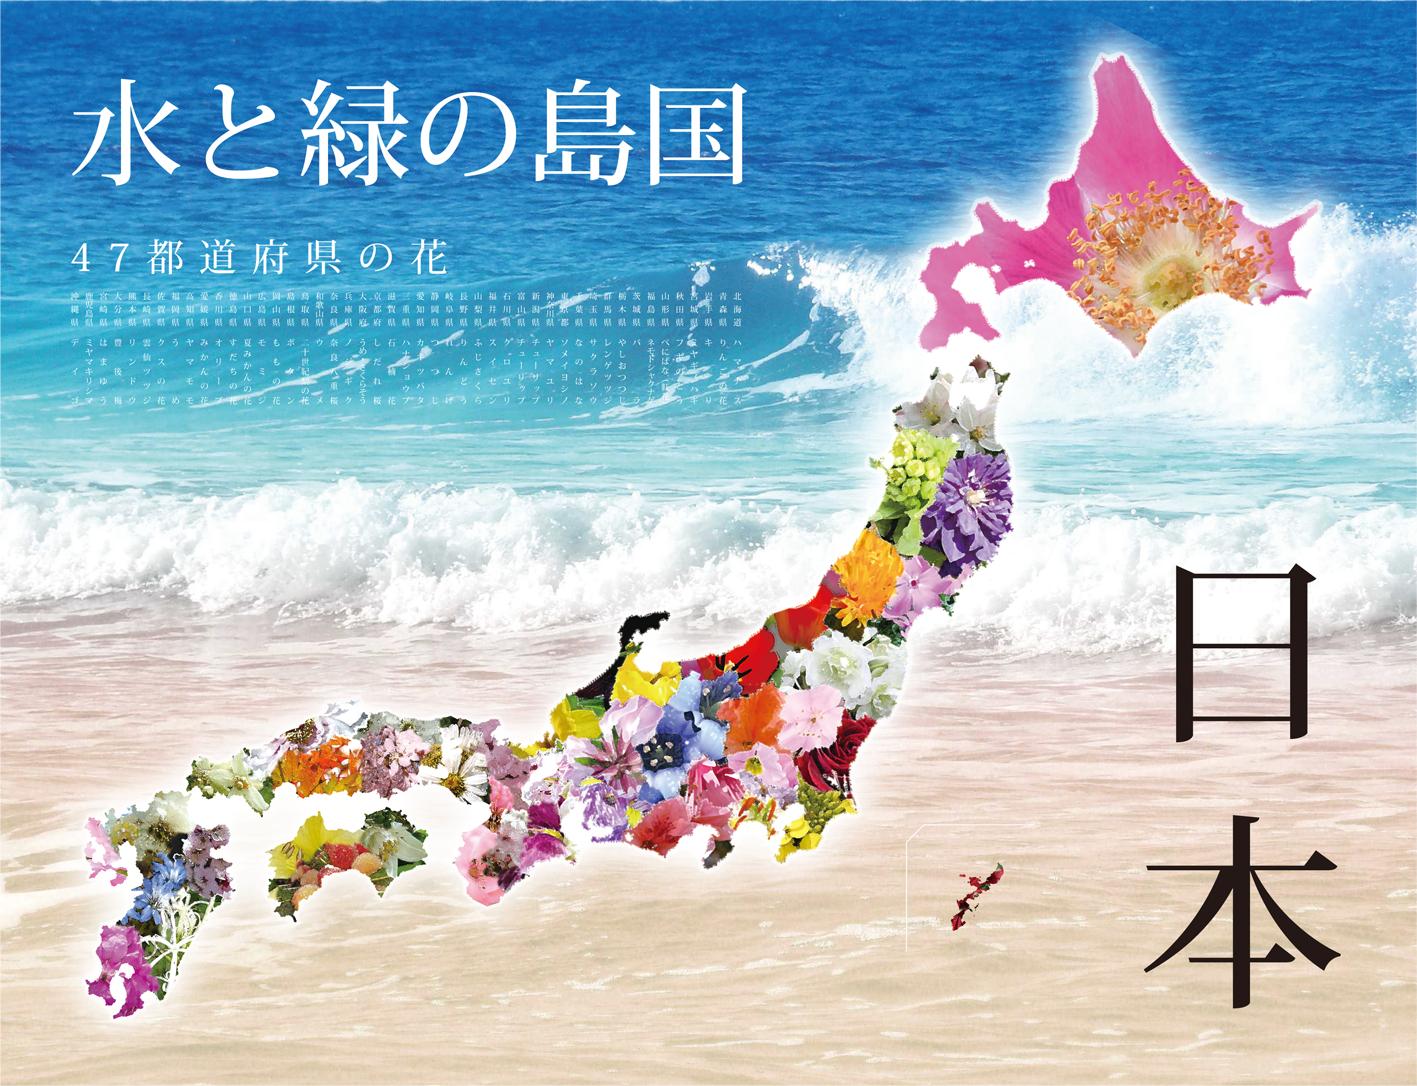 水と緑の島国日本.png